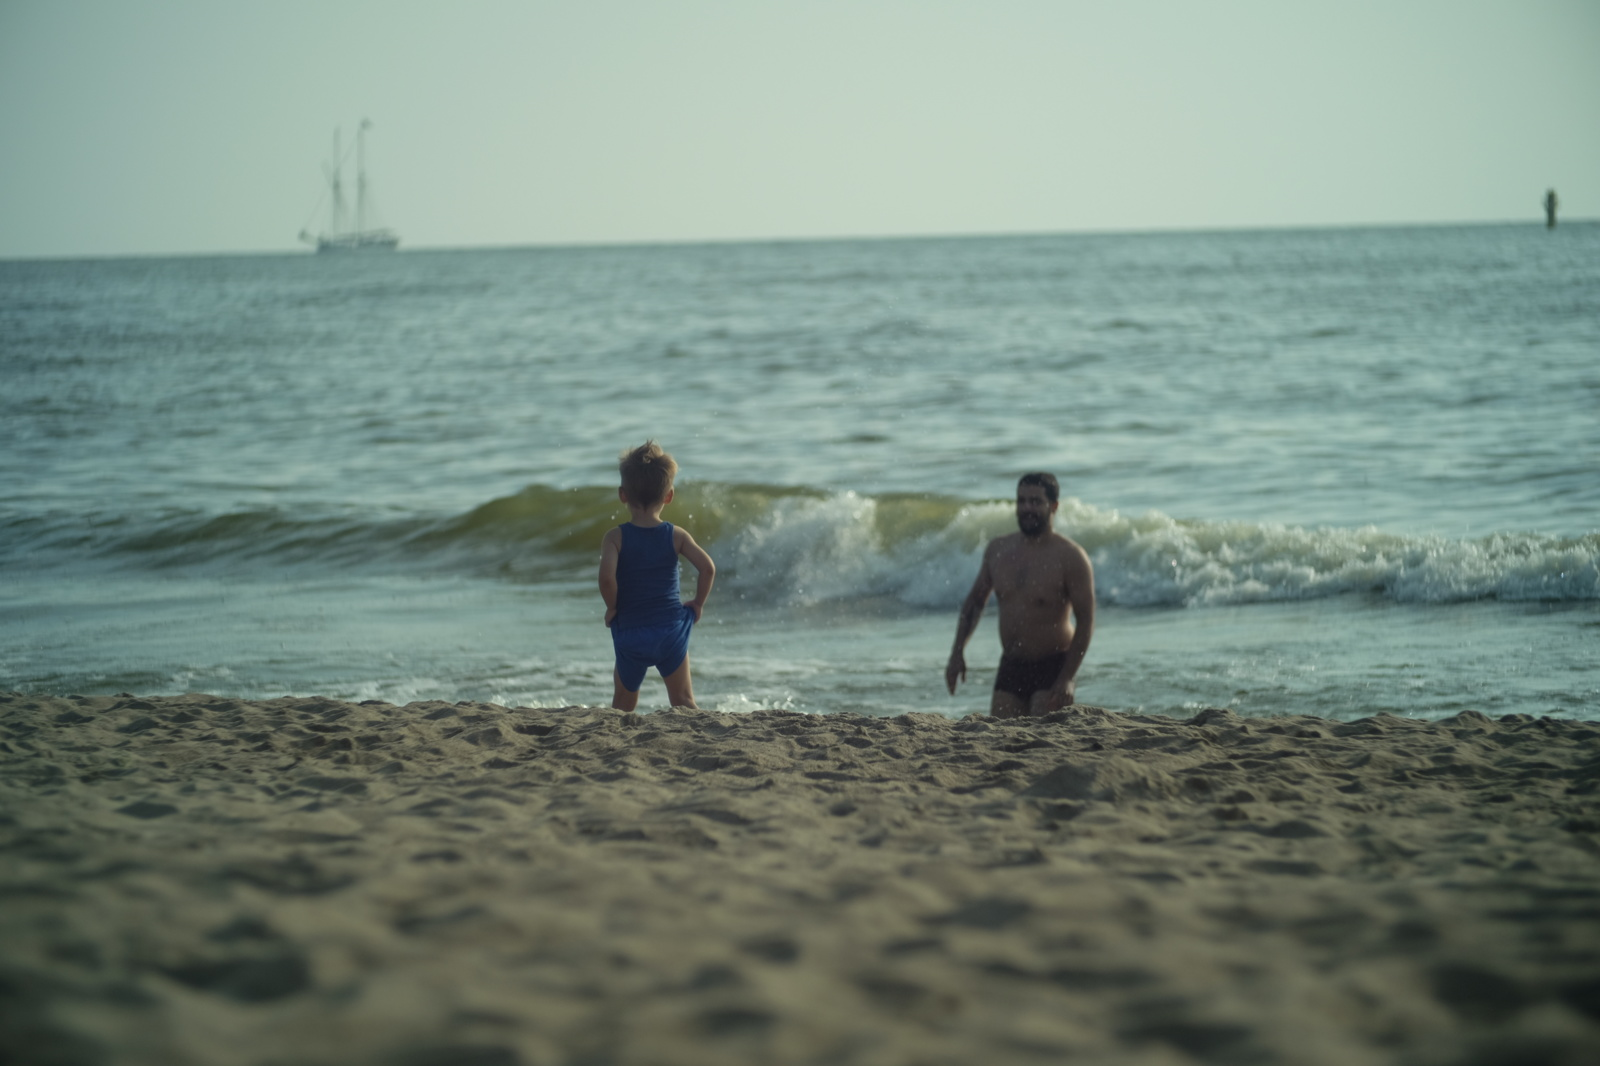 Laisvalaikis paplūdimyje: ką nuveikti?